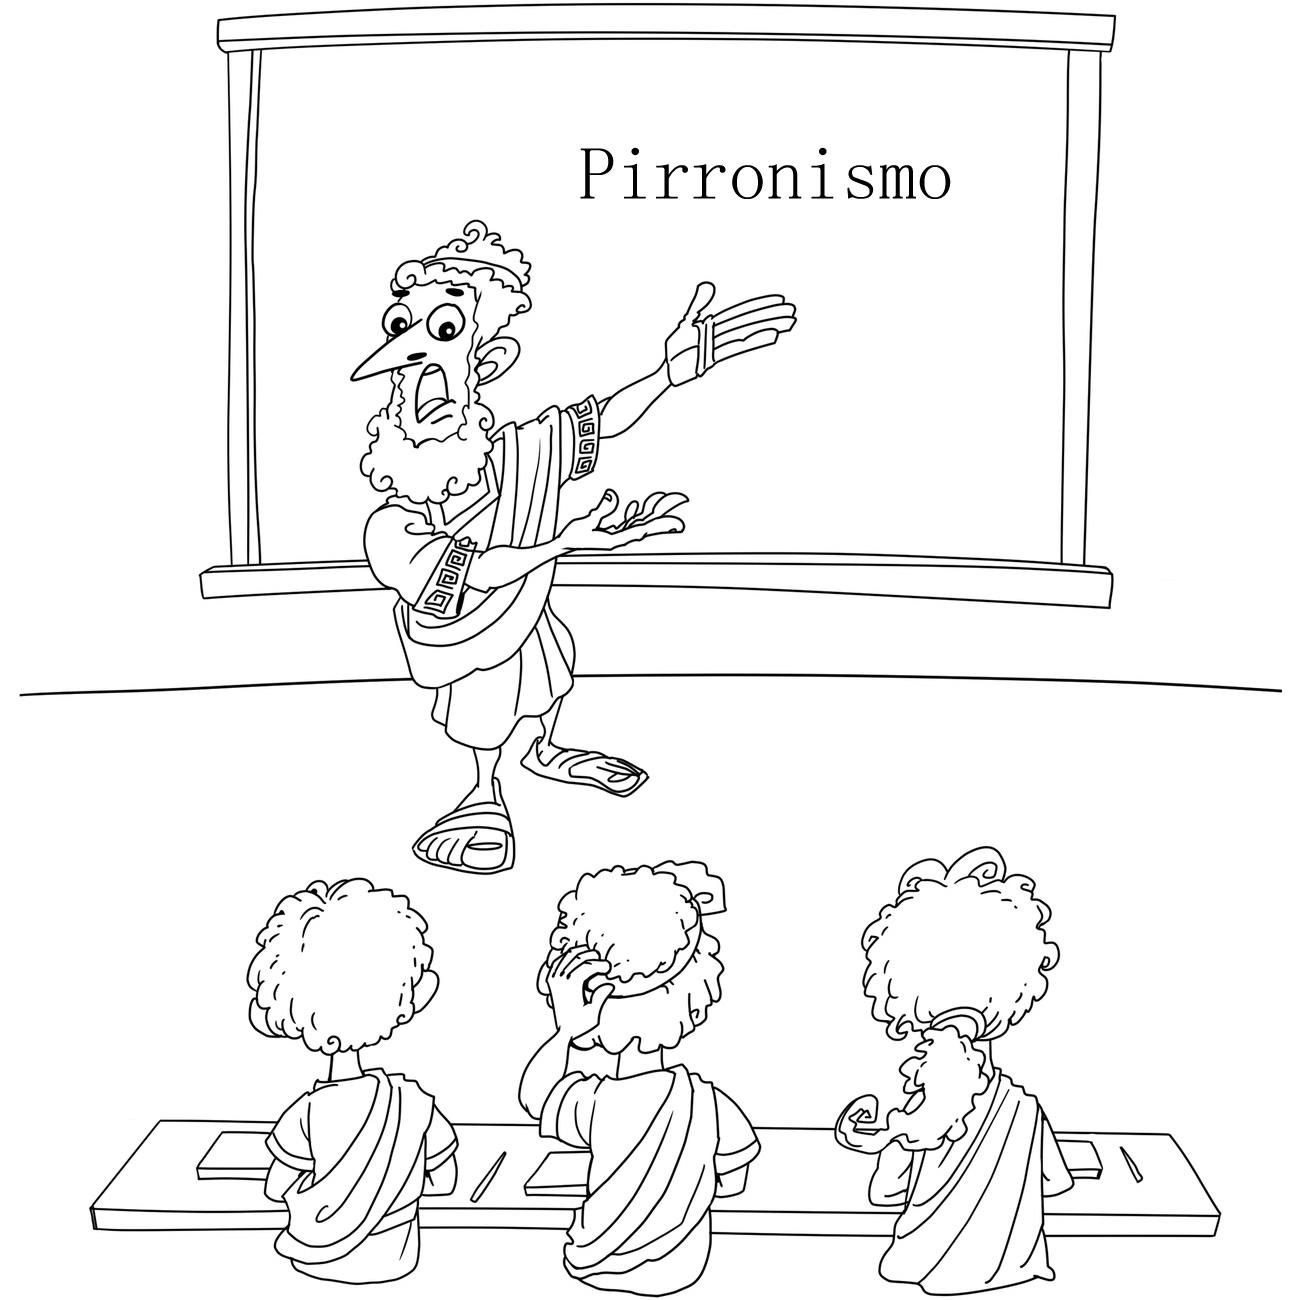 Pirronismo